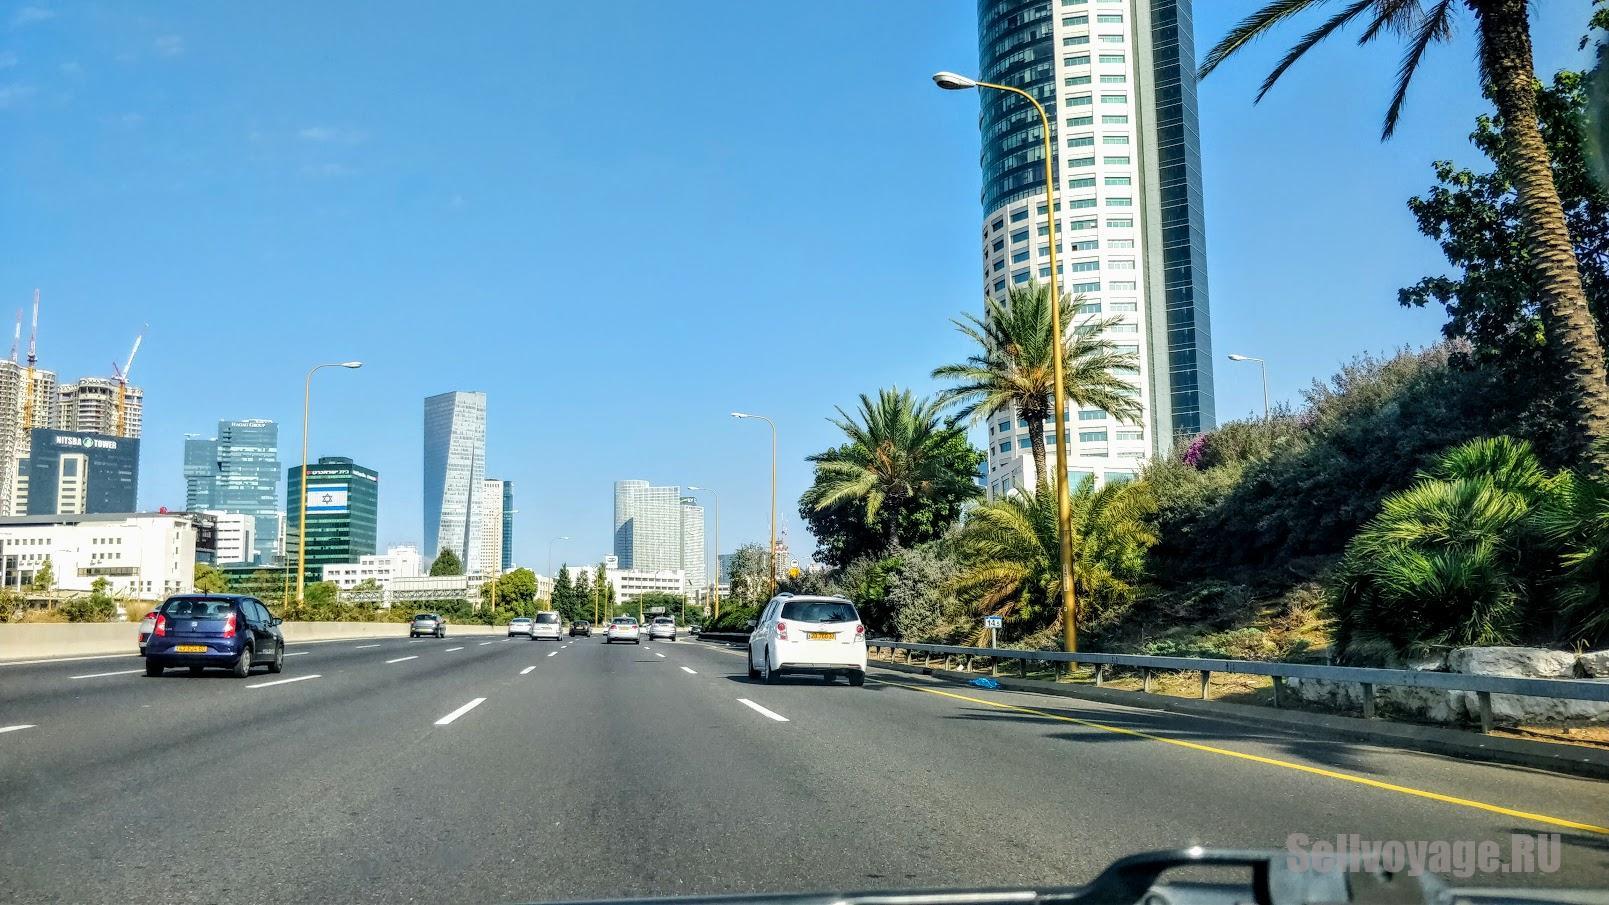 Дорога в центре Тель-Авива